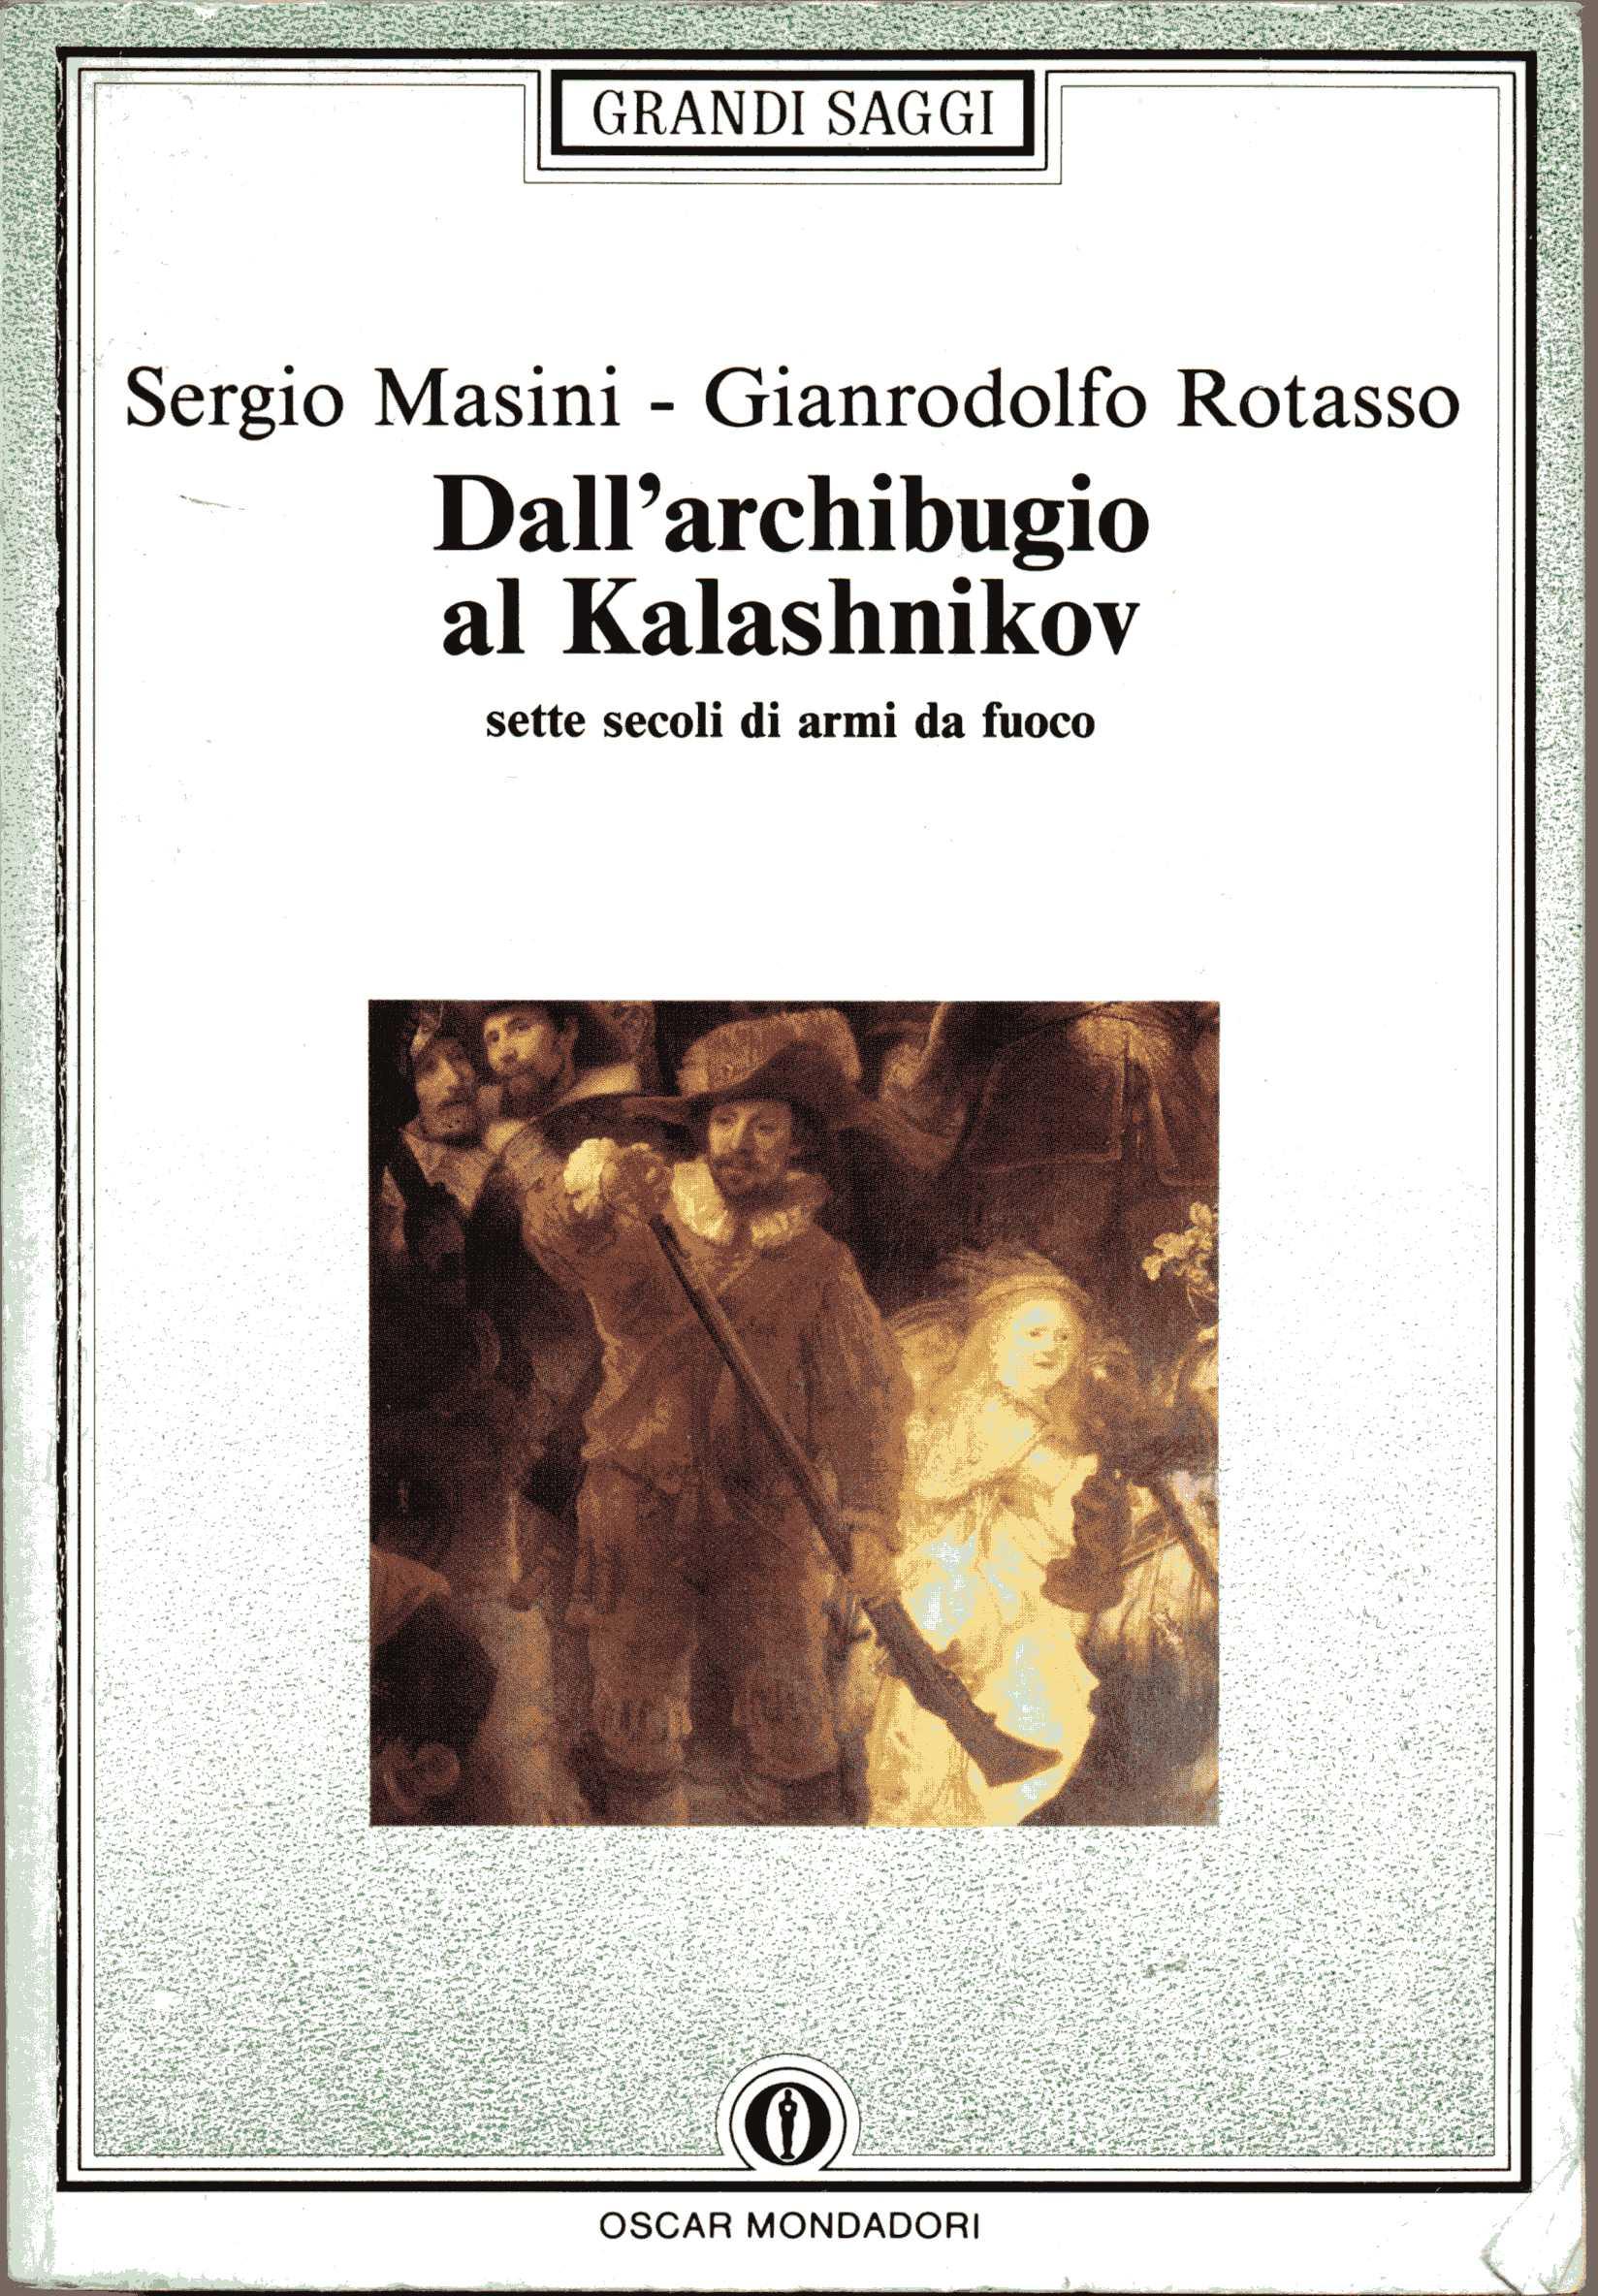 Dall'archibugio al Kalashnikov